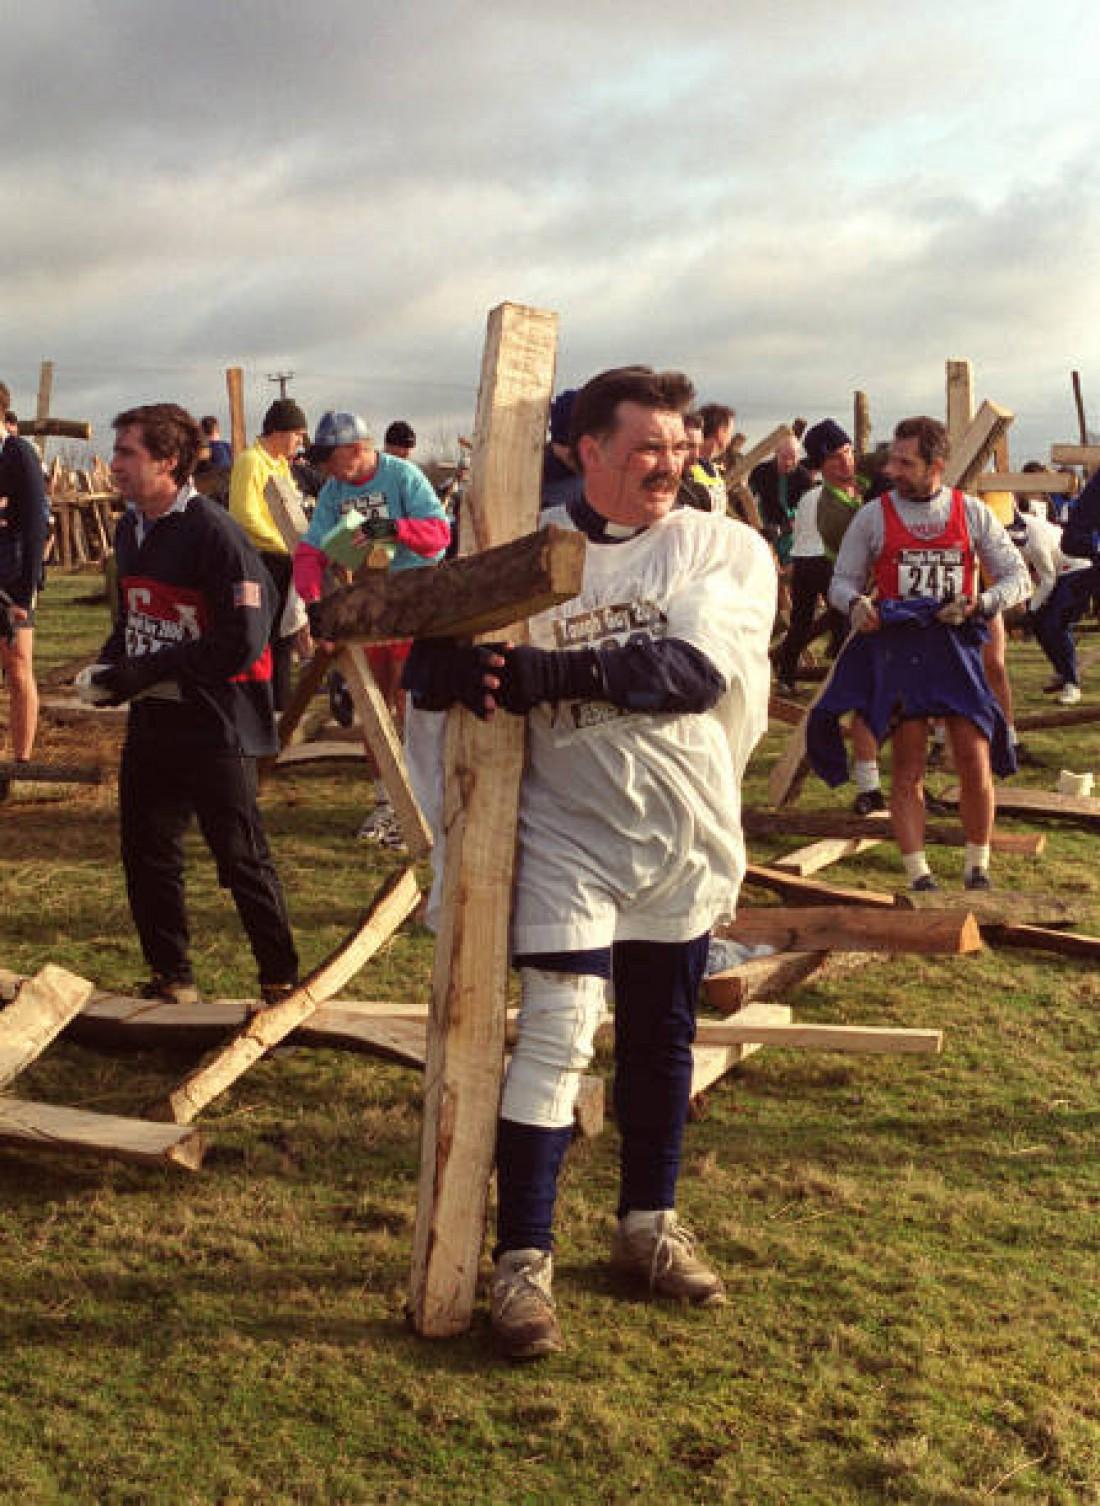 Крест, который несут на себе самые сильные участники Tough Guy Jesus Warrior